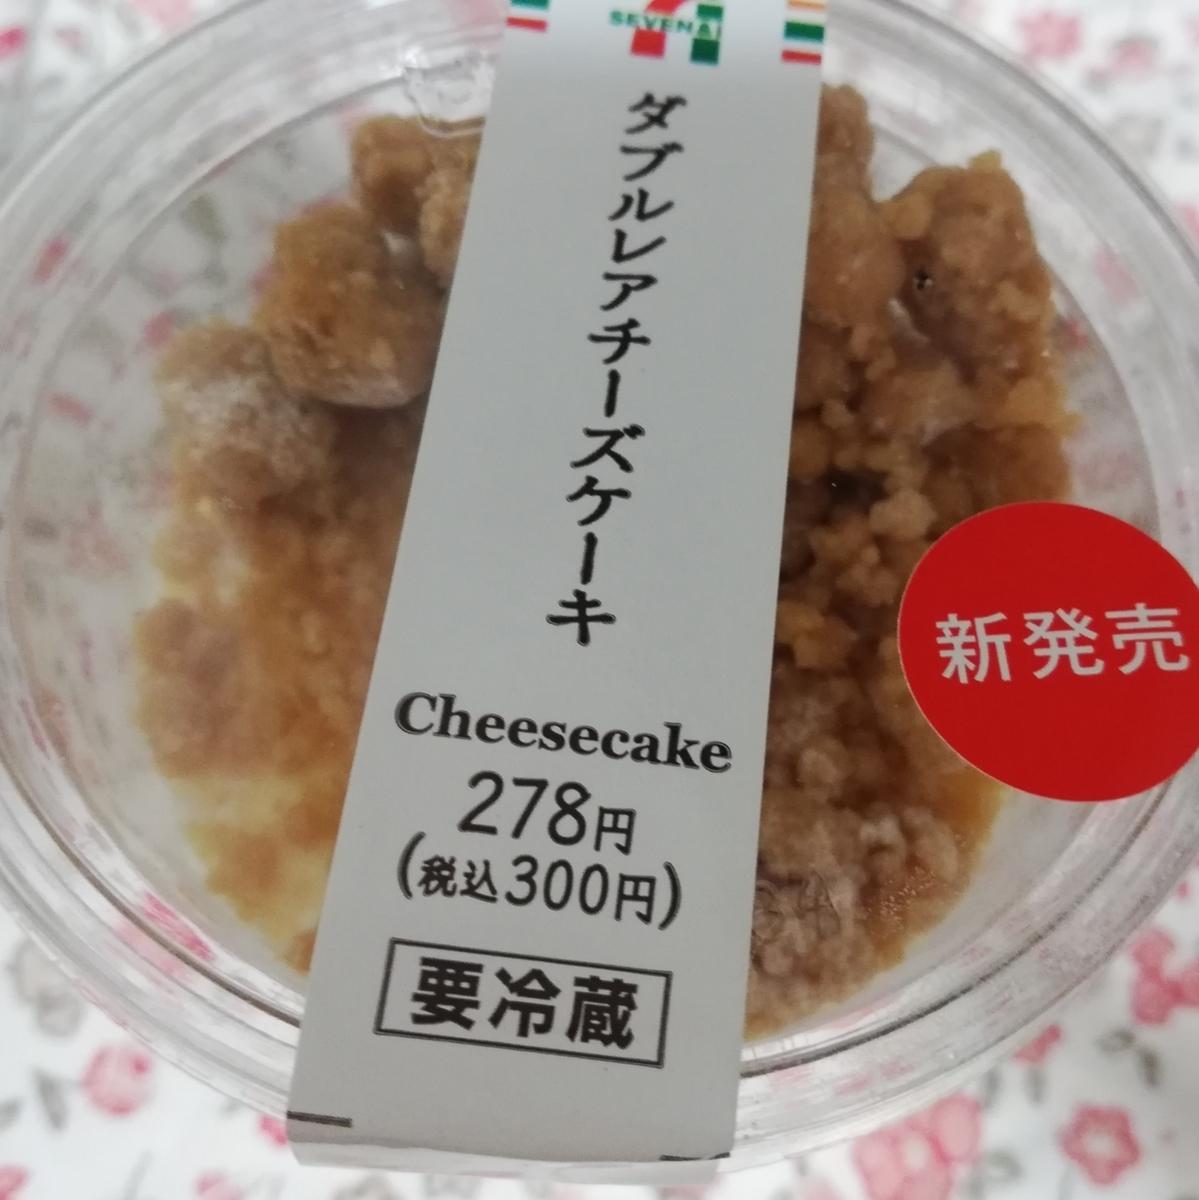 新商品ダブルレアチーズケーキが濃厚&さっぱりでおいしい【セブンイレブン】